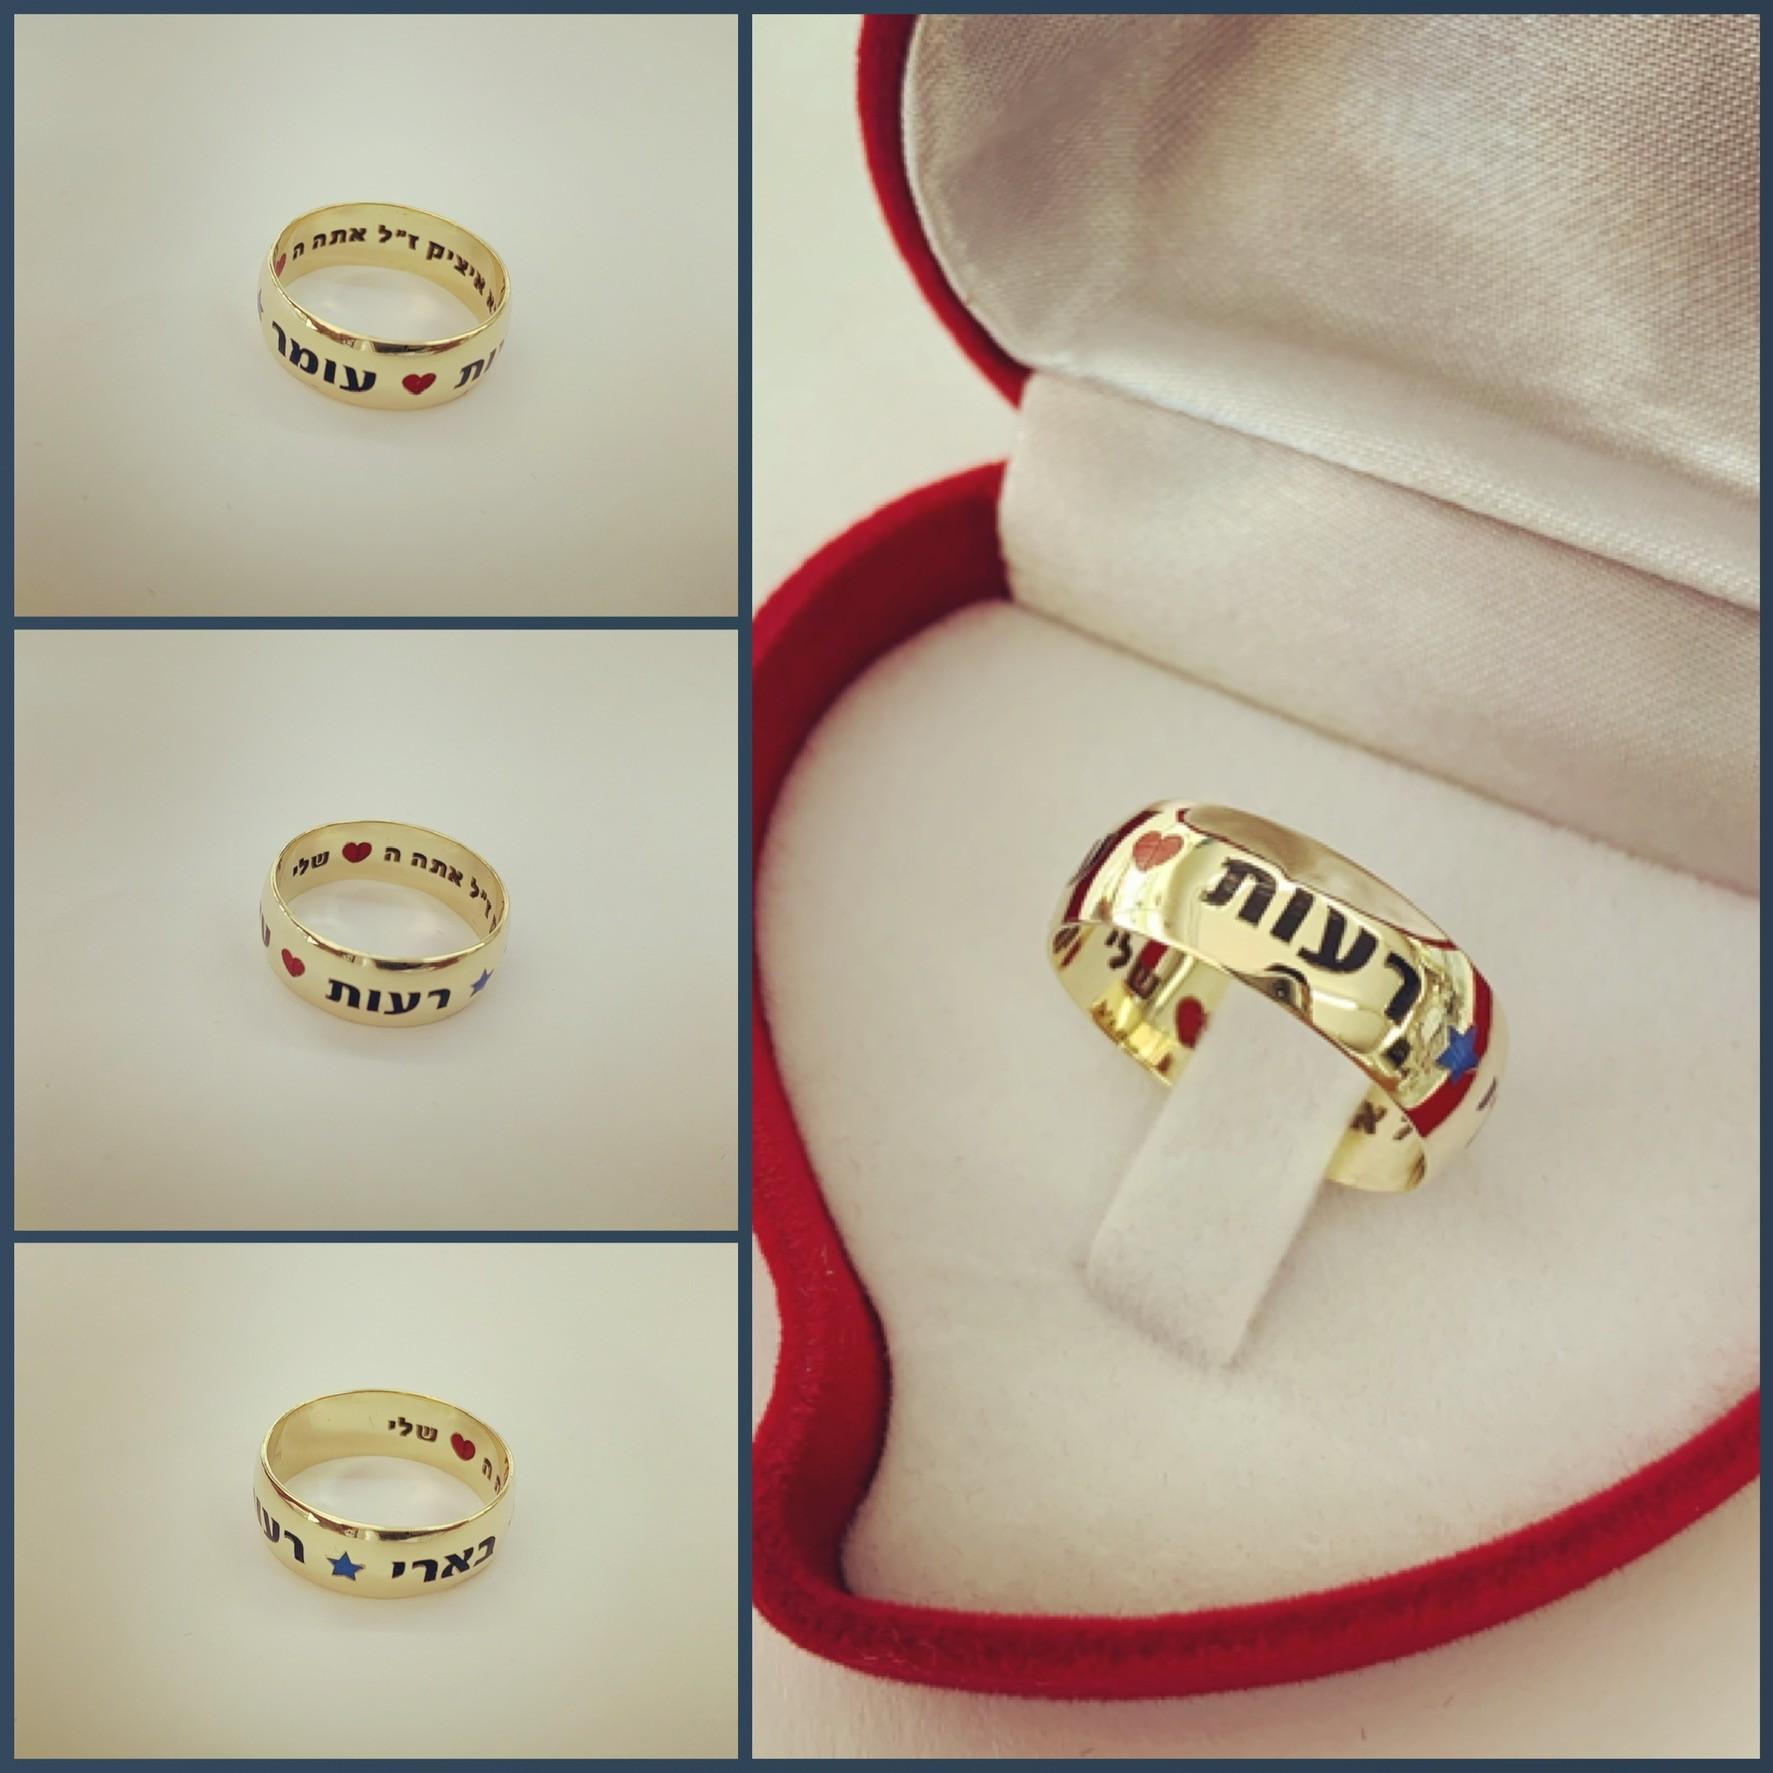 דגם 3901 - טבעת זהב צהוב או לבן 14 קראט עם חריטות ״אמייל״ מילוי צבע